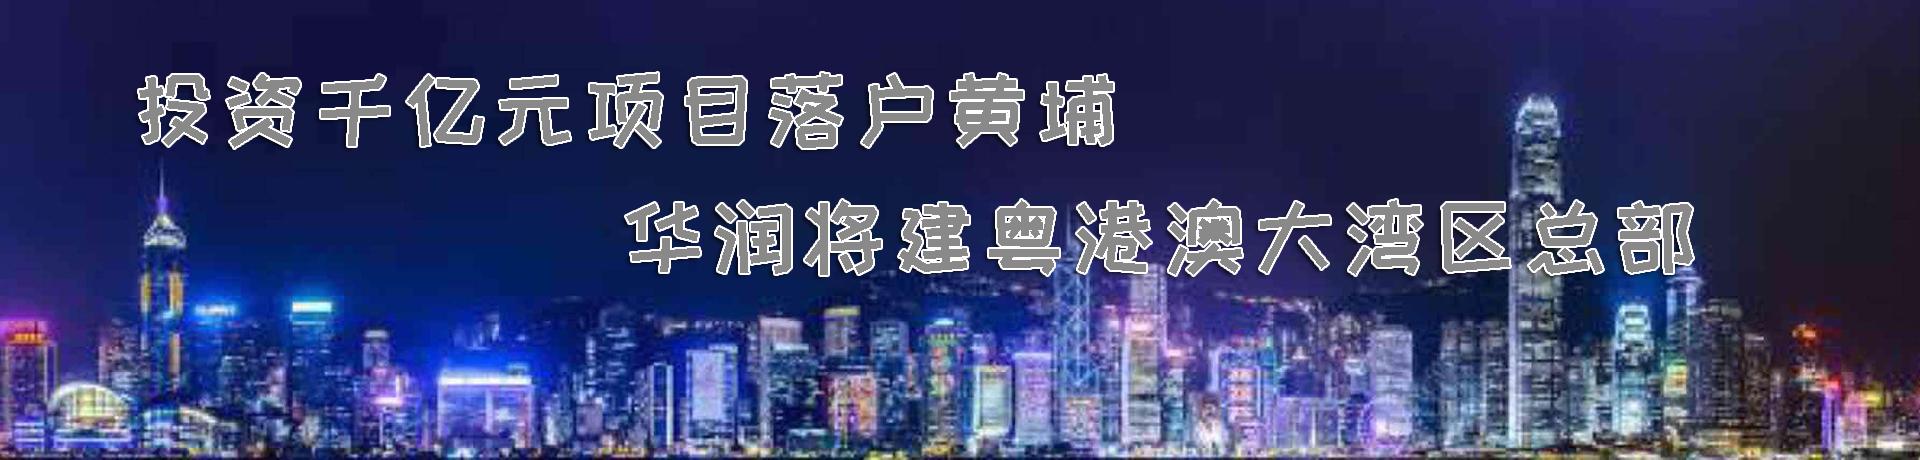 华润投资千亿元项目落户黄埔